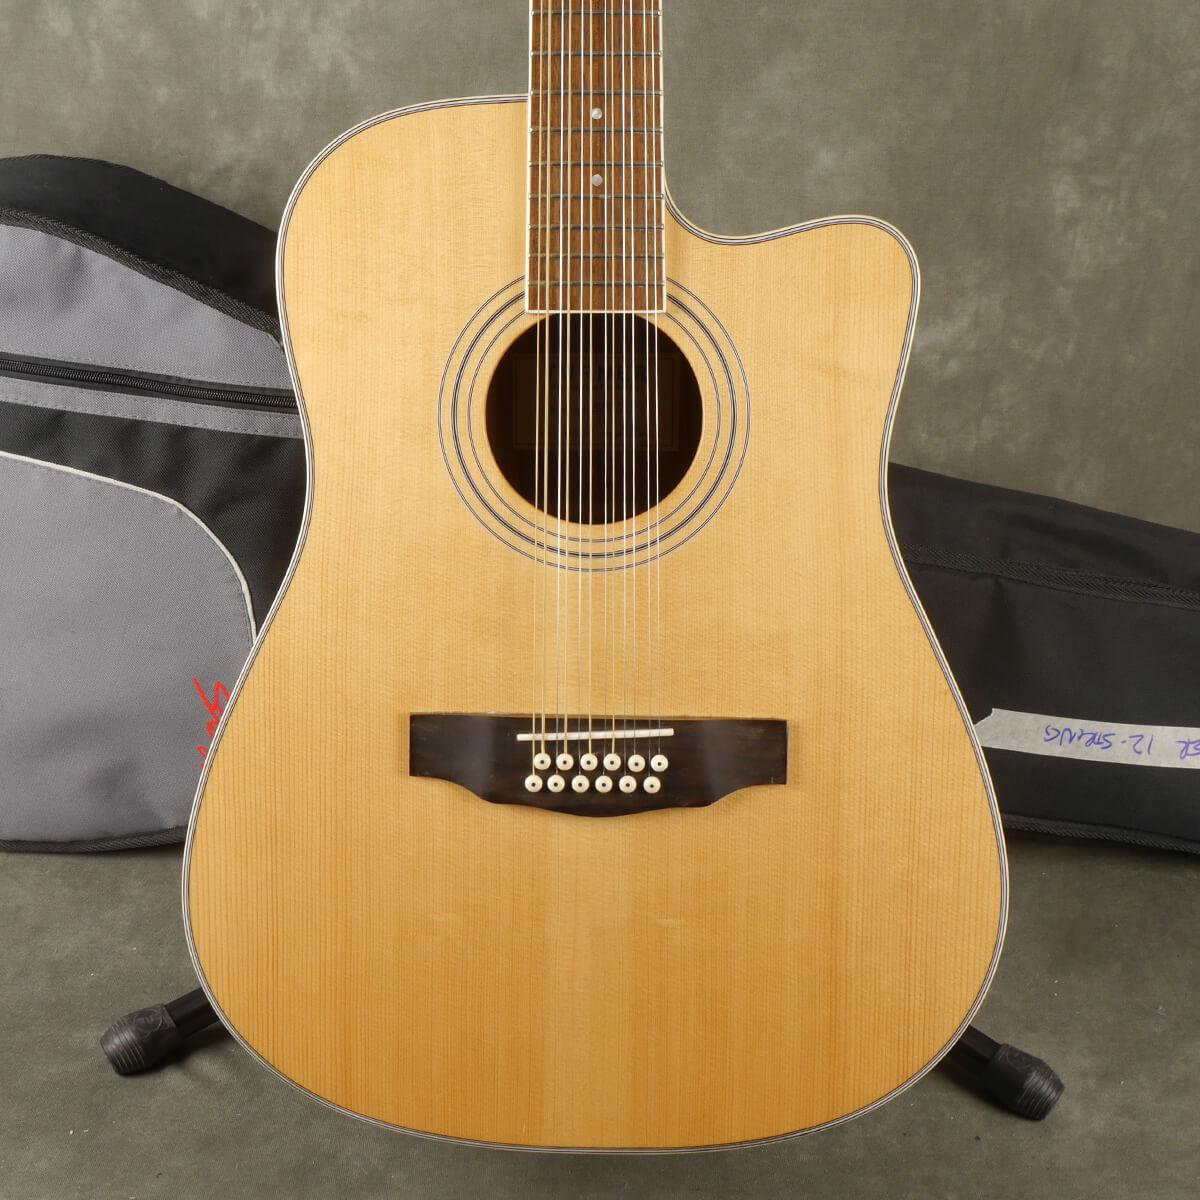 Turner 40CE-12 12-String Acoustic - Natural w/Gig Bag - 2nd Hand